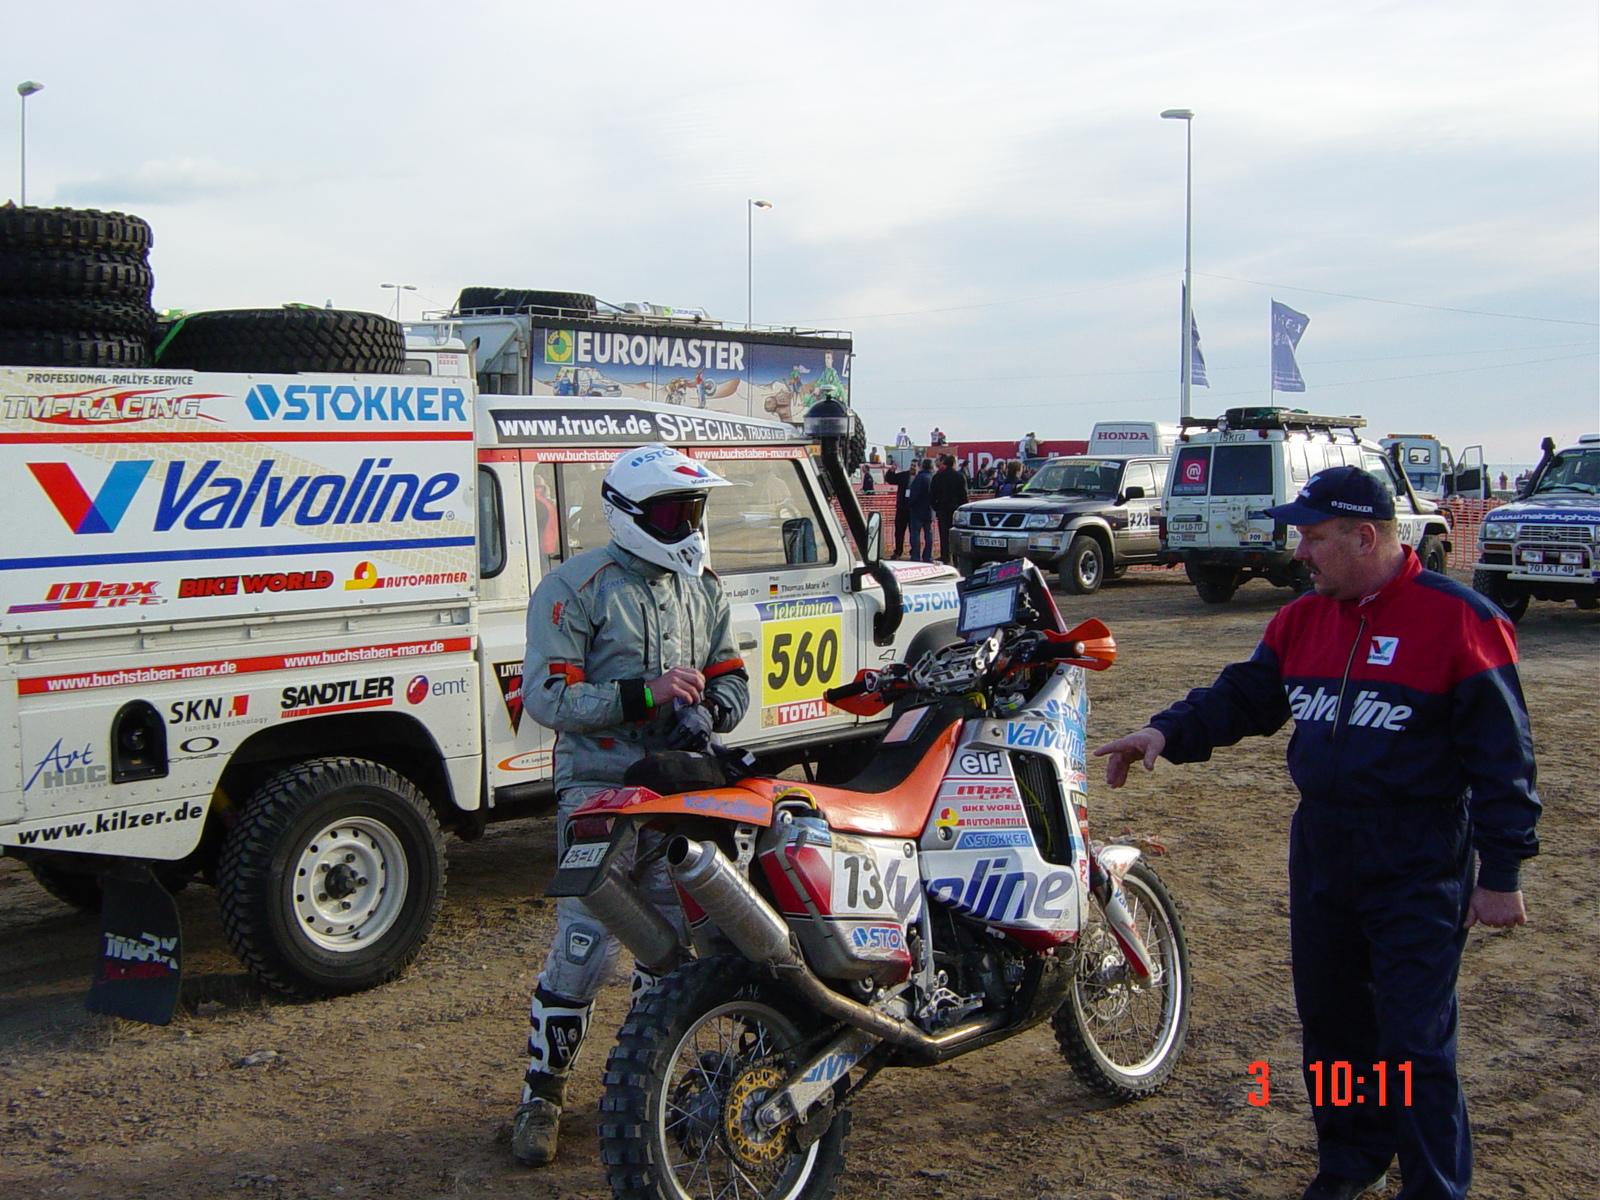 Mart Lajal. Esimene eestlane, kes julges ette võtta Pariisi-Dakari seikluse.